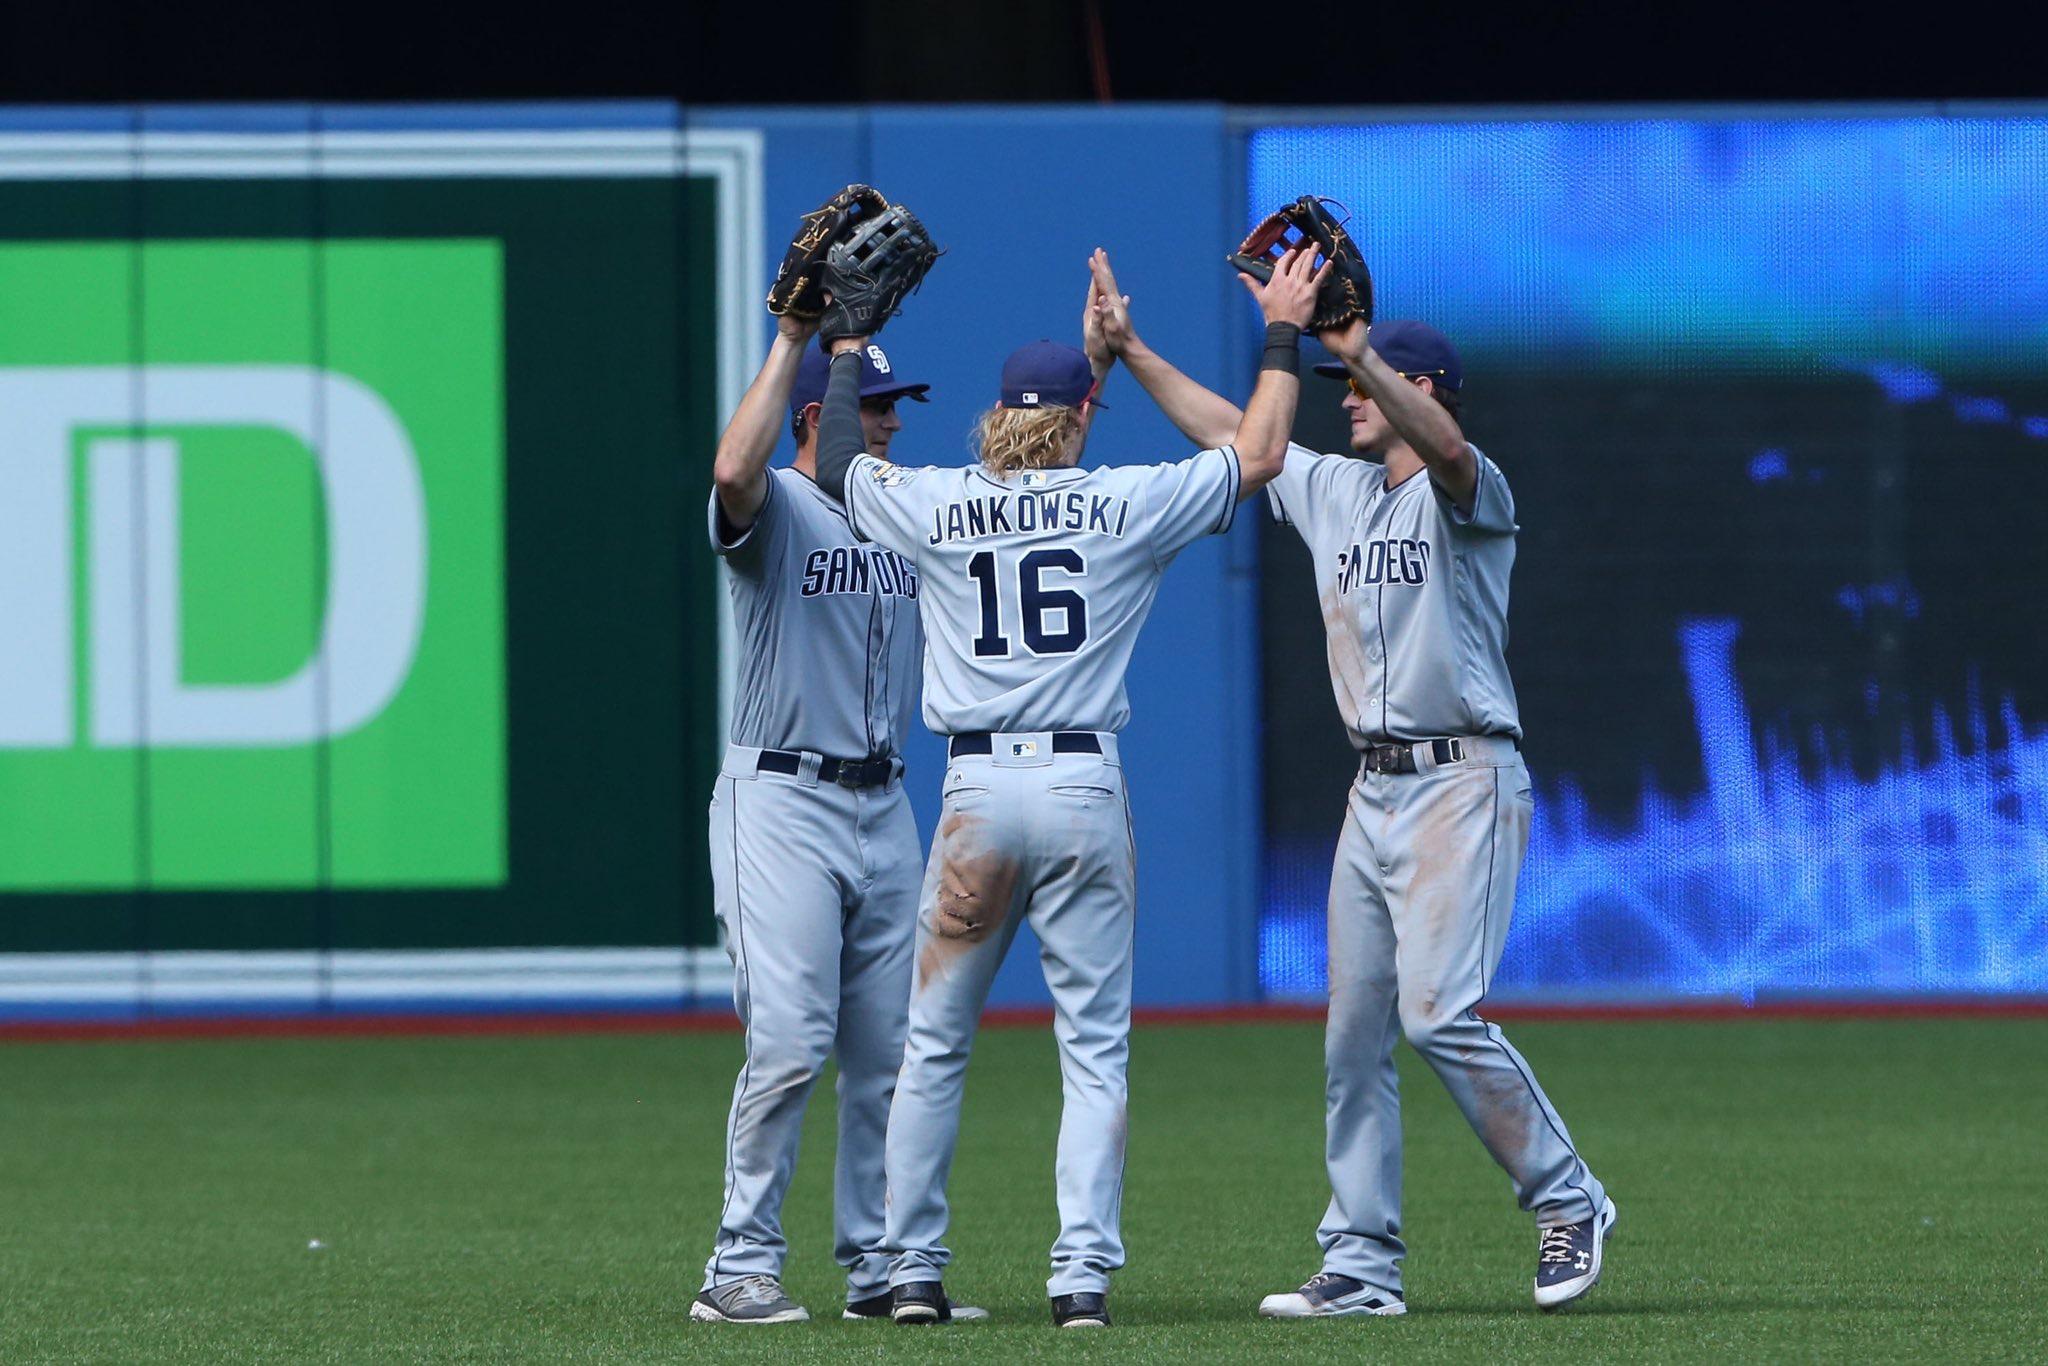 Credit: AP Photo